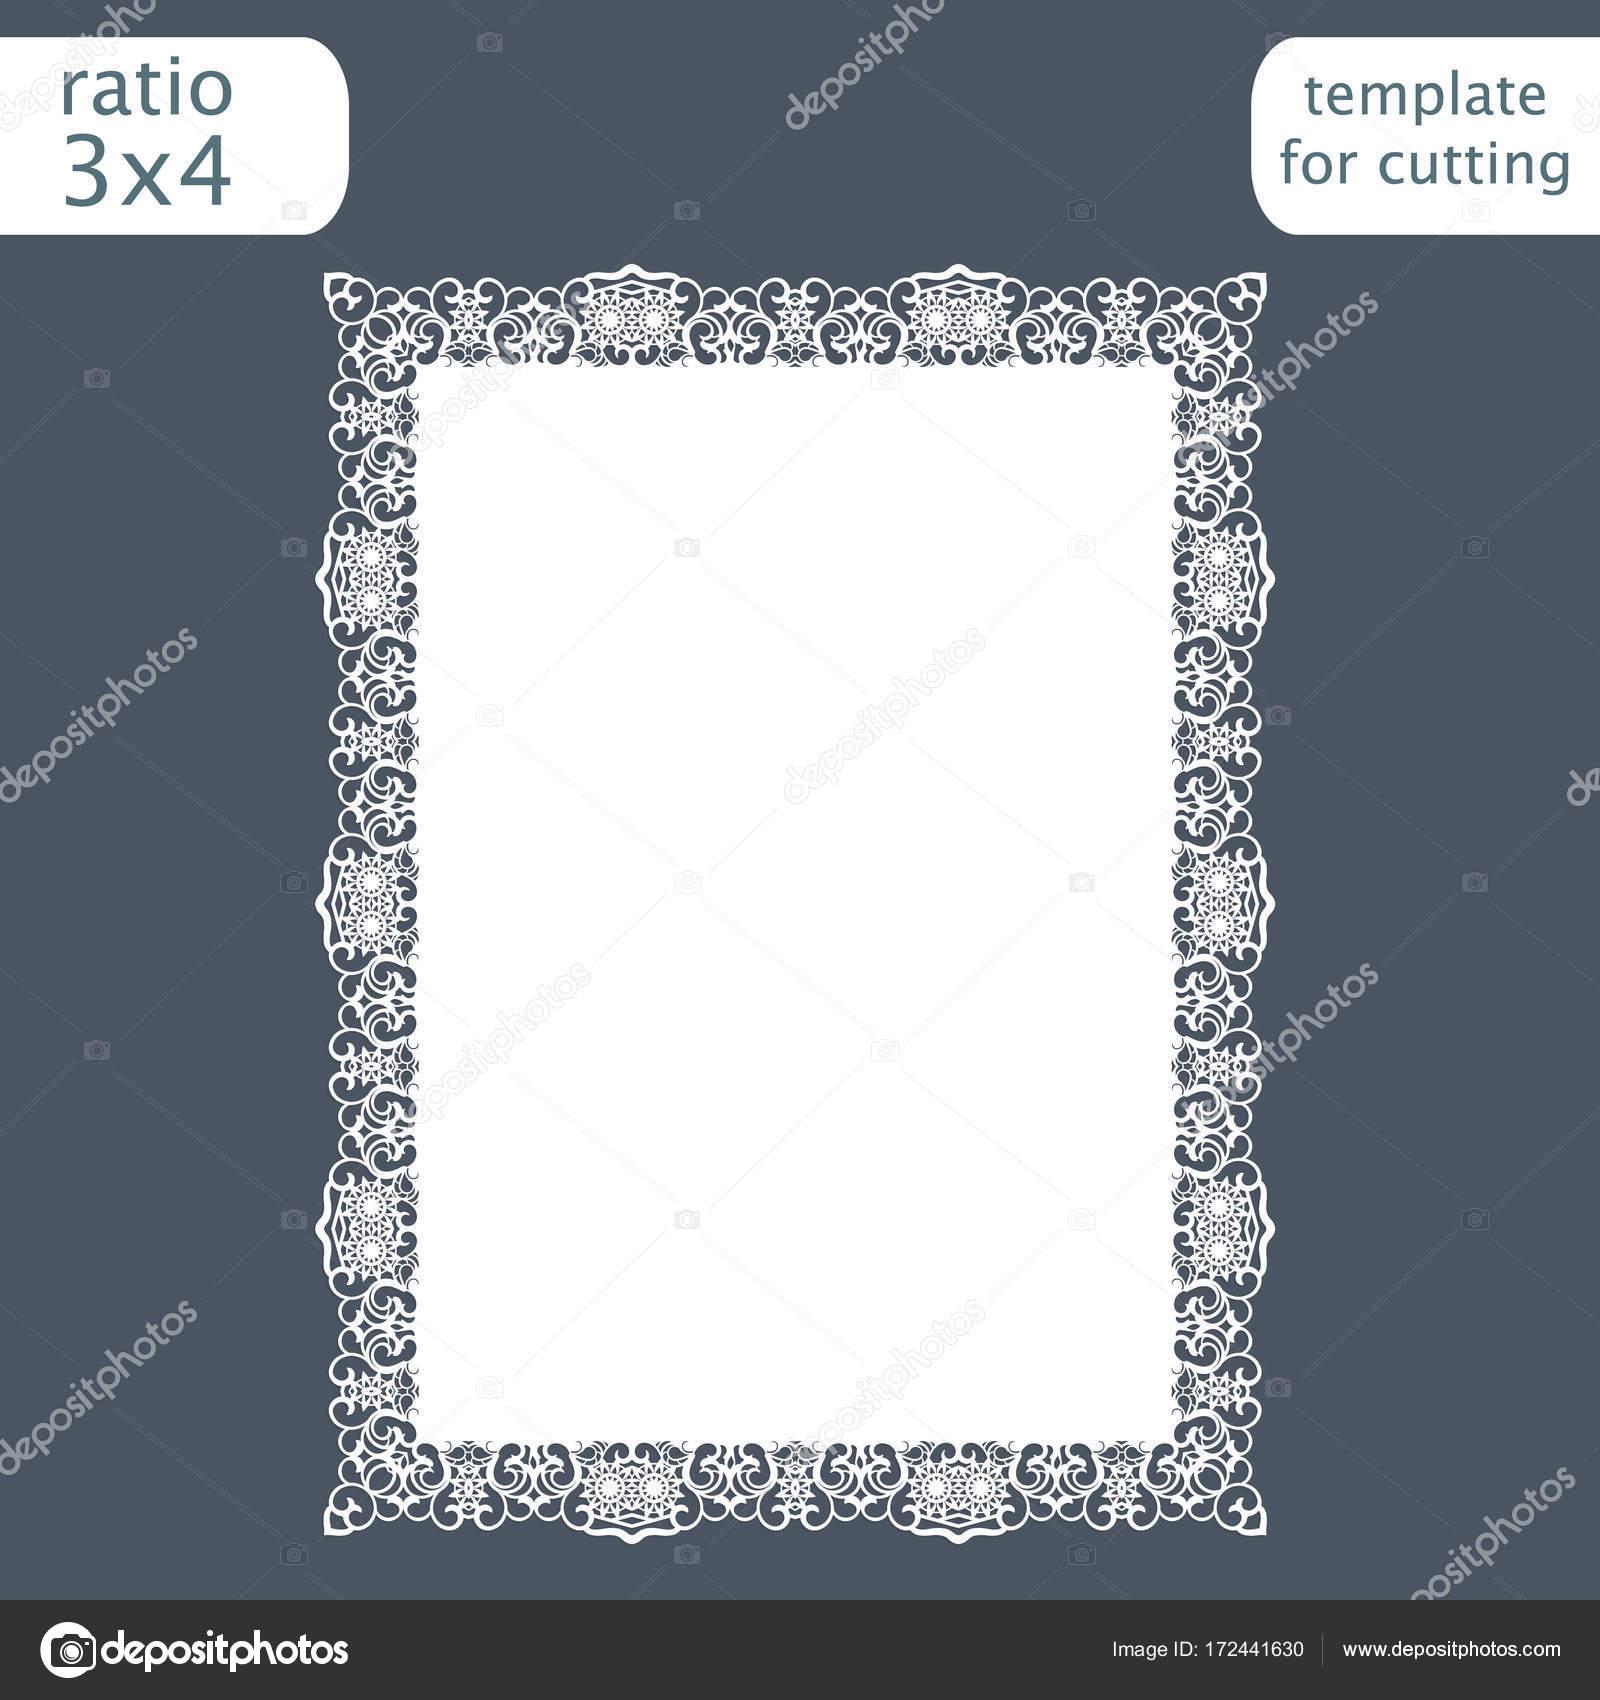 Lasergeschnittenes Hochzeit Einladung Kartenvorlage Mit Durchbrochenen  Rand. Schneiden Sie Das Papier Karte Mit Lochmuster